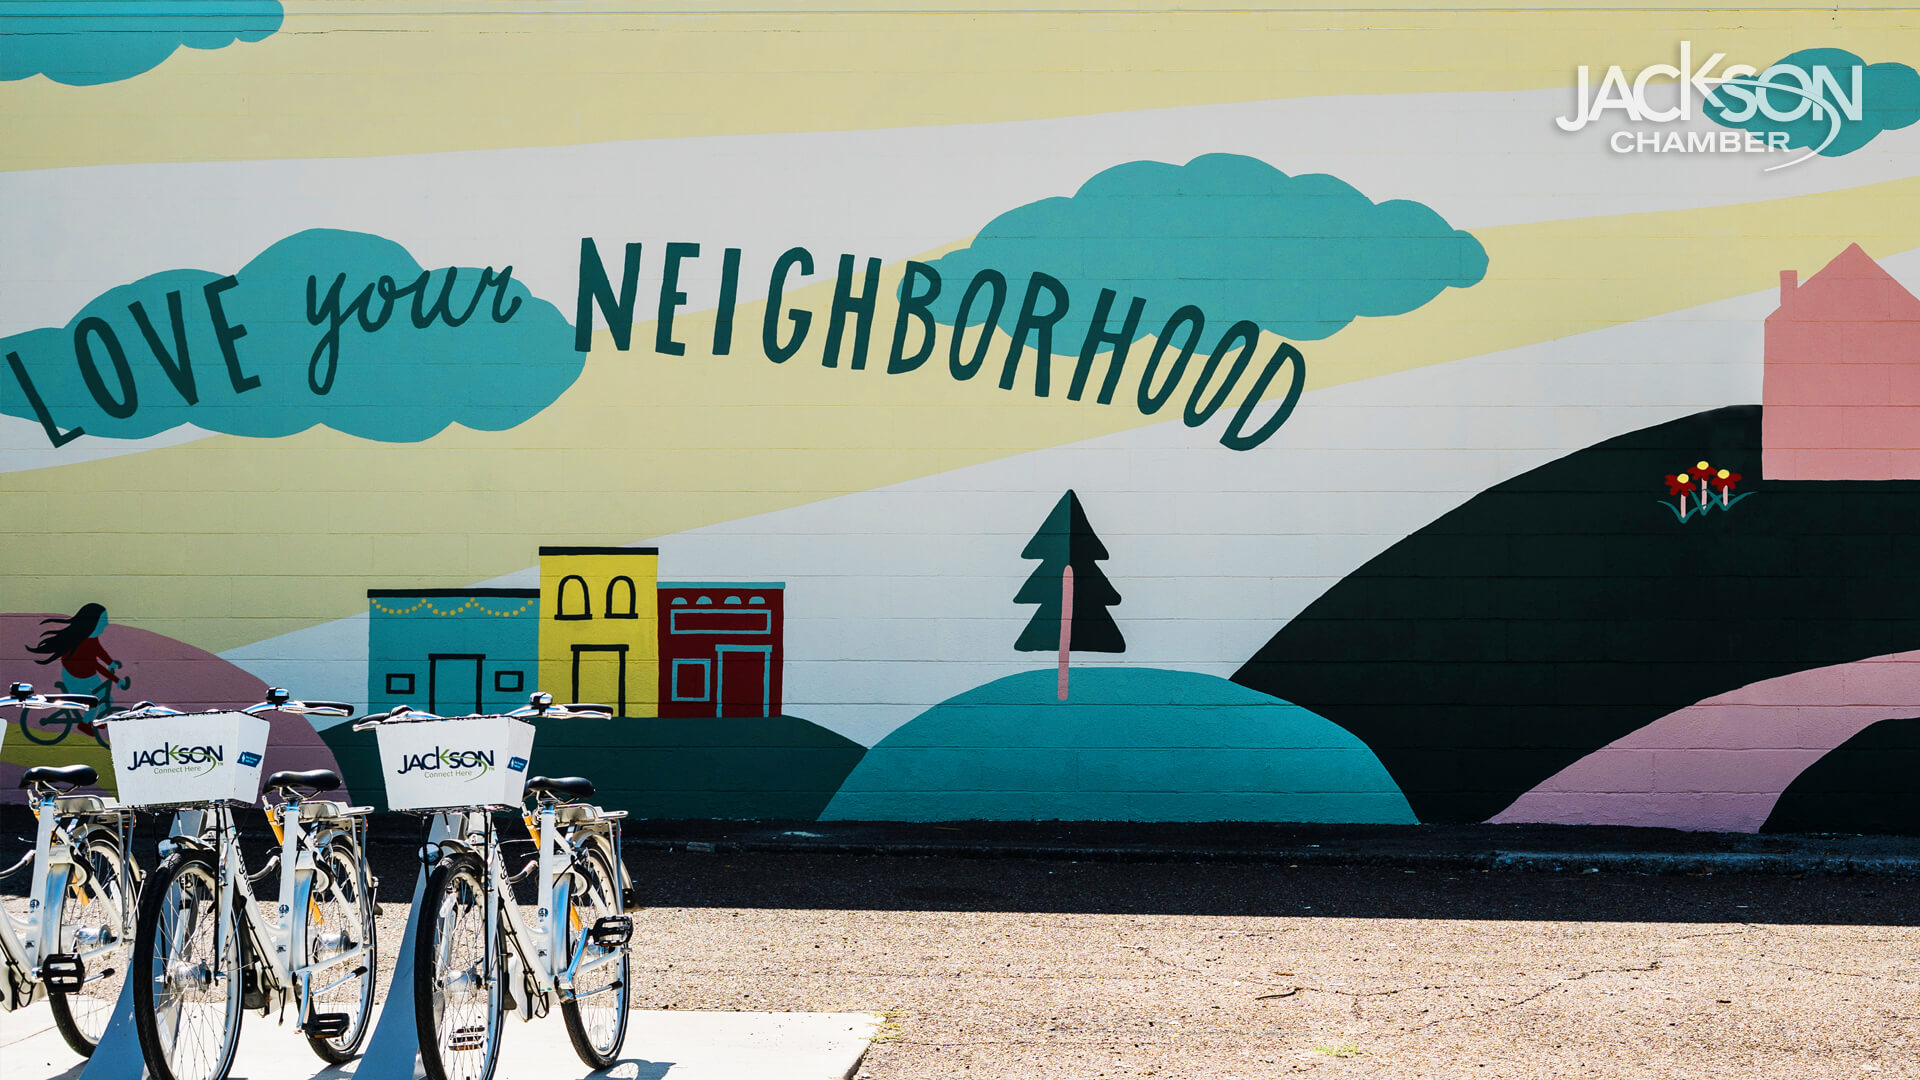 Love Your Neighborhood